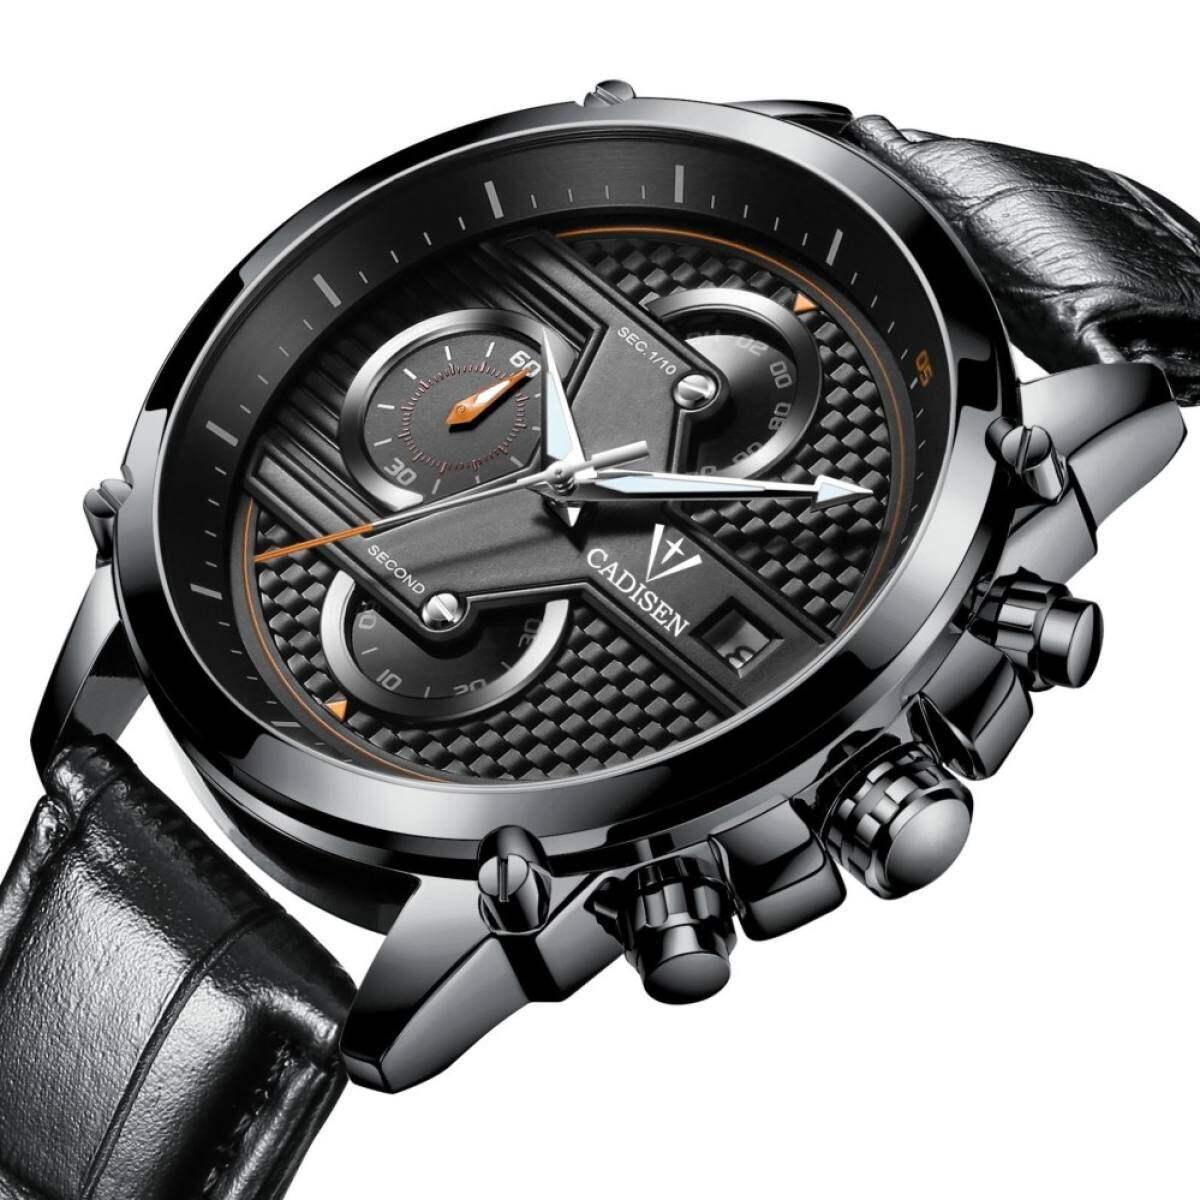 Lelaki Mode Kronograf QUARTZ Sukan Jam Mens Watch Top Jenama Mewah Tali Kulit Kalis Air Perniagaan Watch Hadiah Kotak